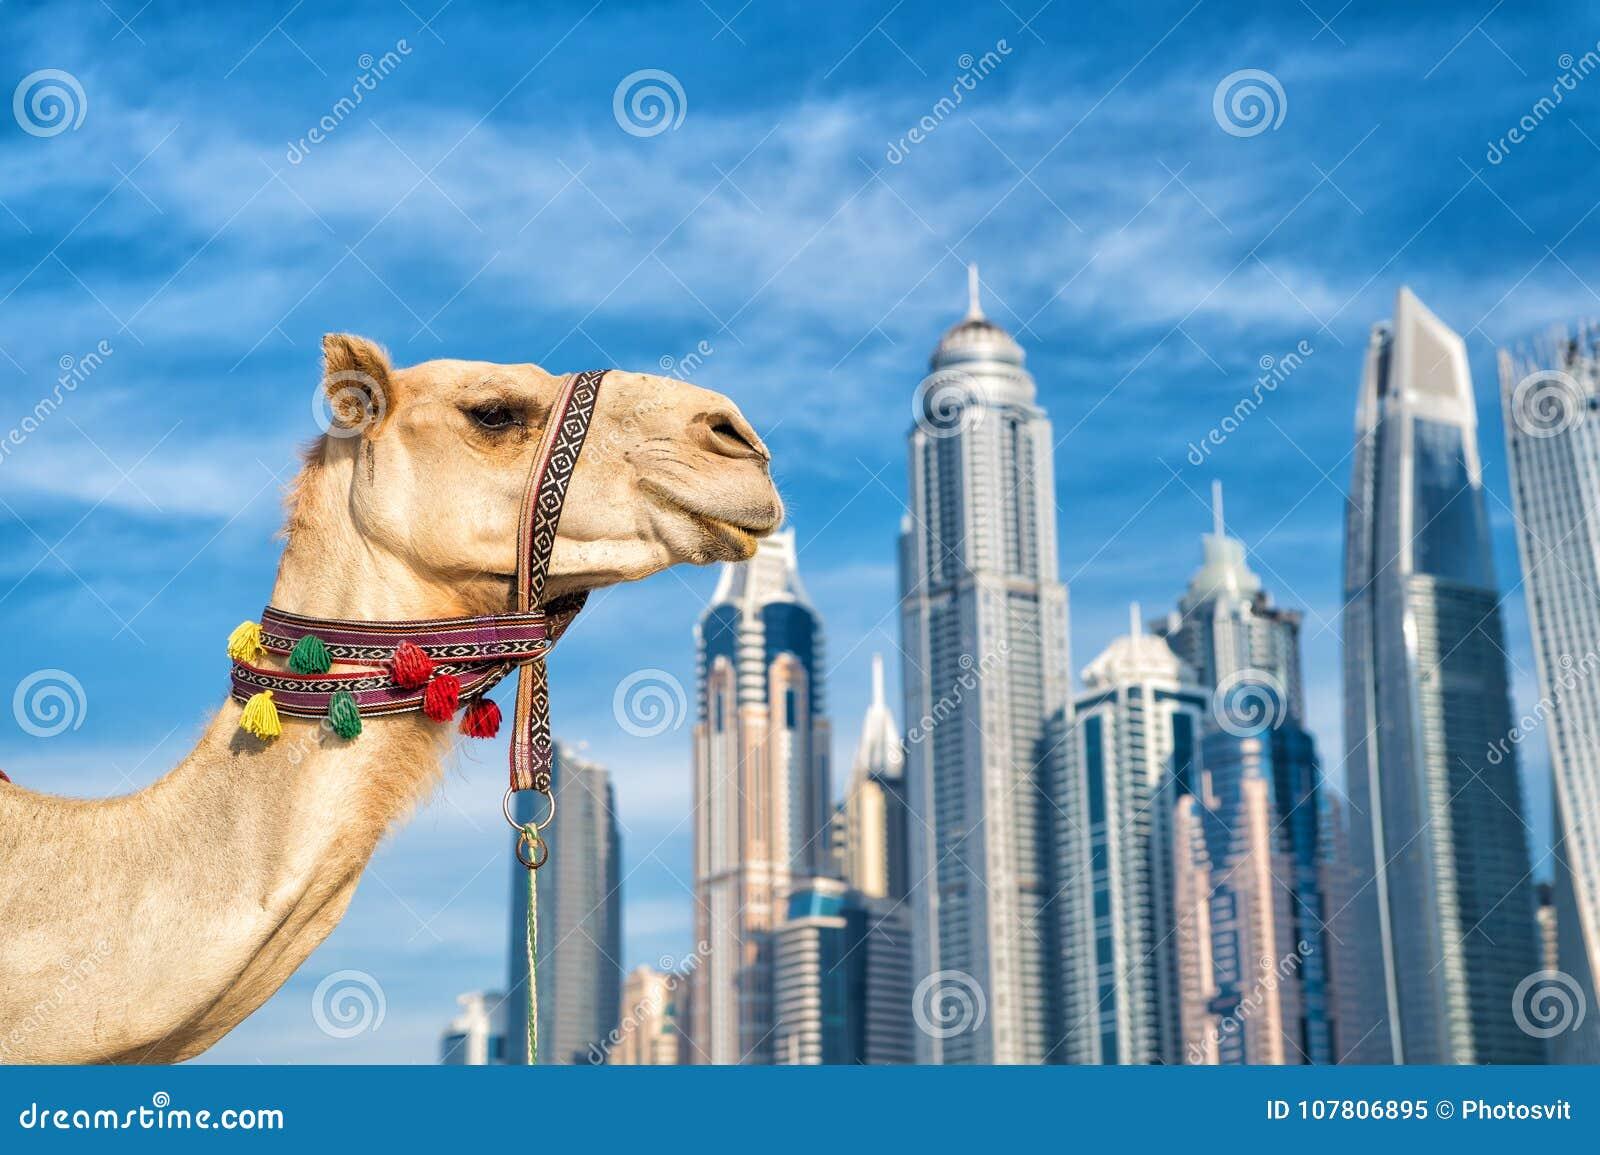 Стиль пляжа Марины JBR ОАЭ Дубай: верблюды и небоскребы современный стиль дела зданий история ОАЭ и современное